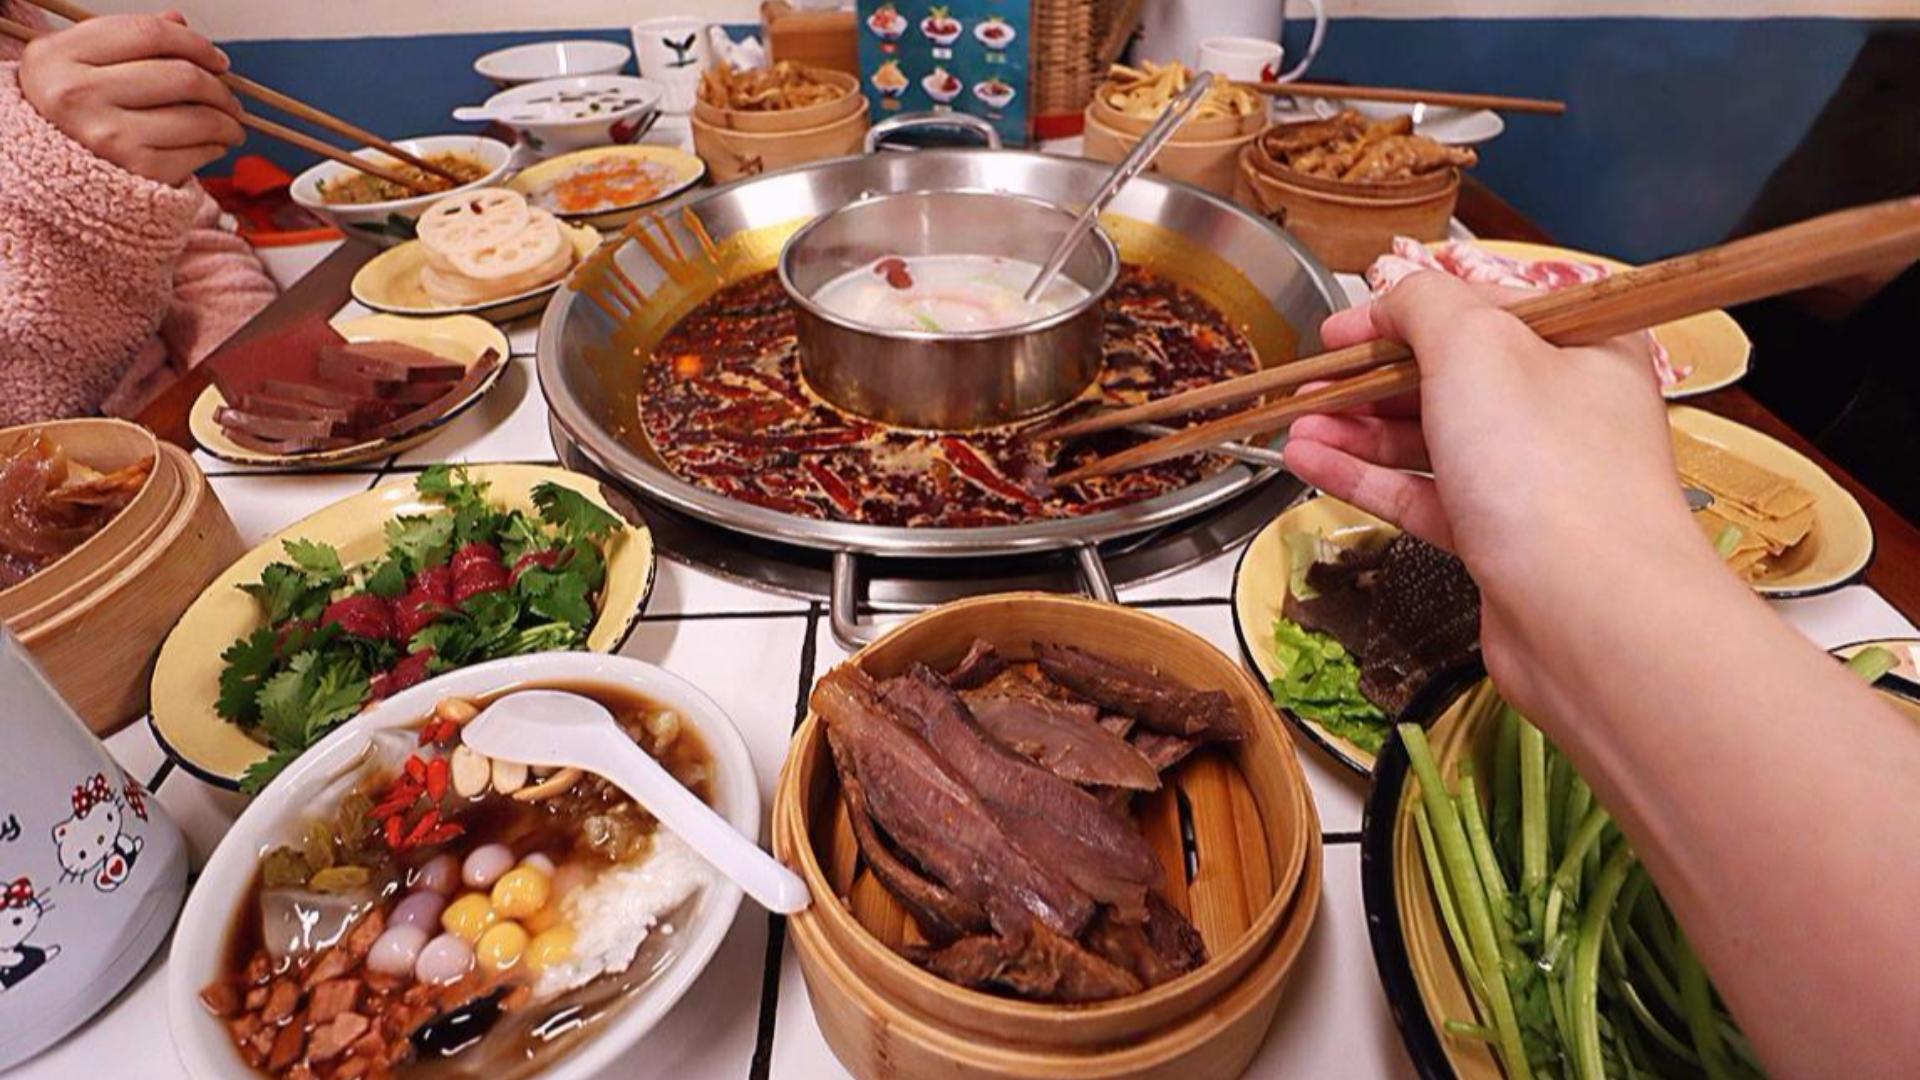 天天排队的卤味火锅店:喜欢火锅的味道,享受一群人的热闹